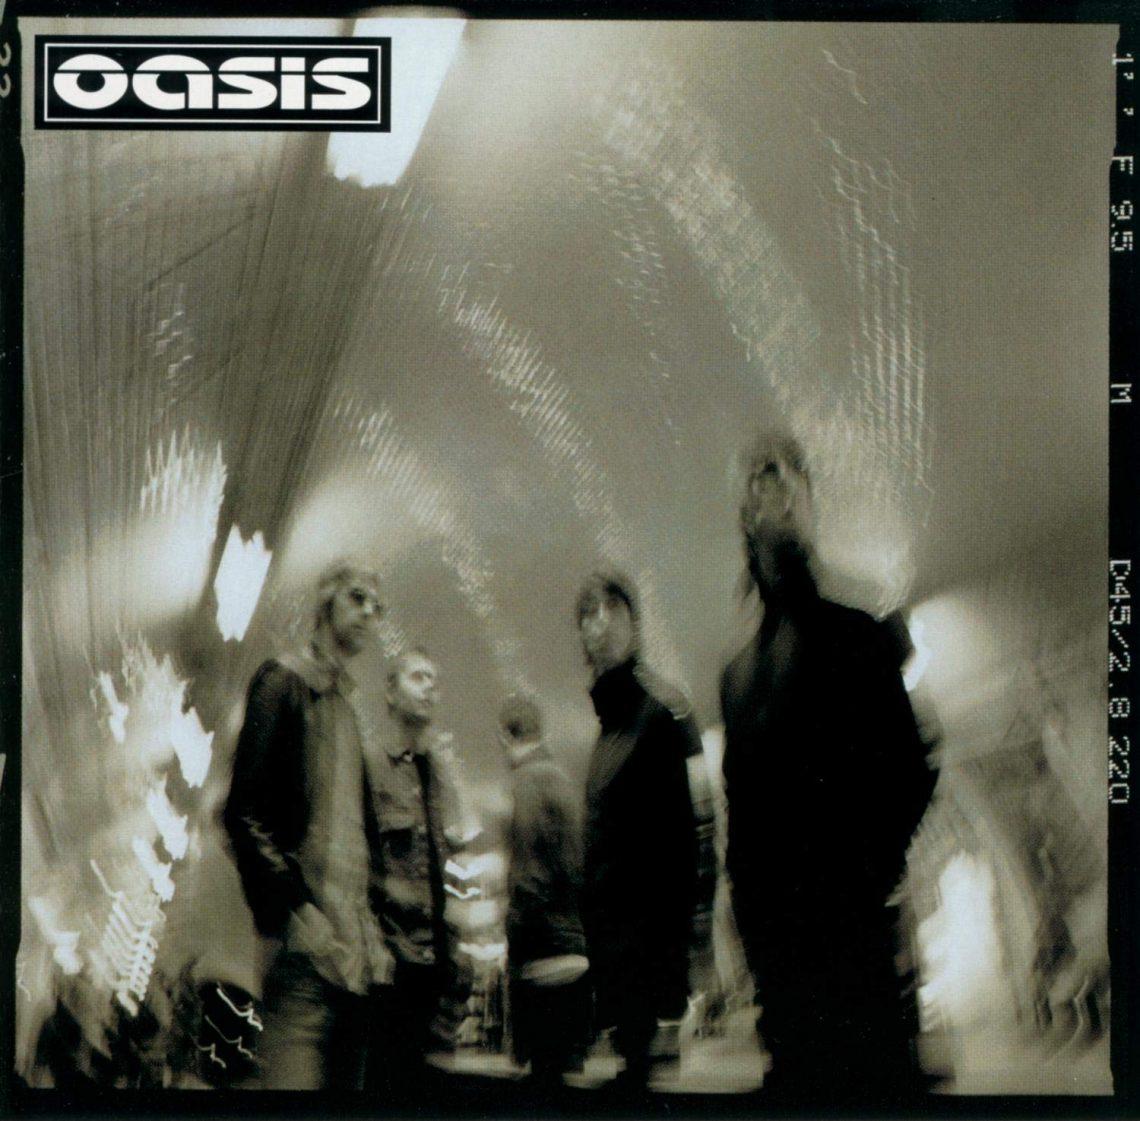 Oasis Heathen Chemistry